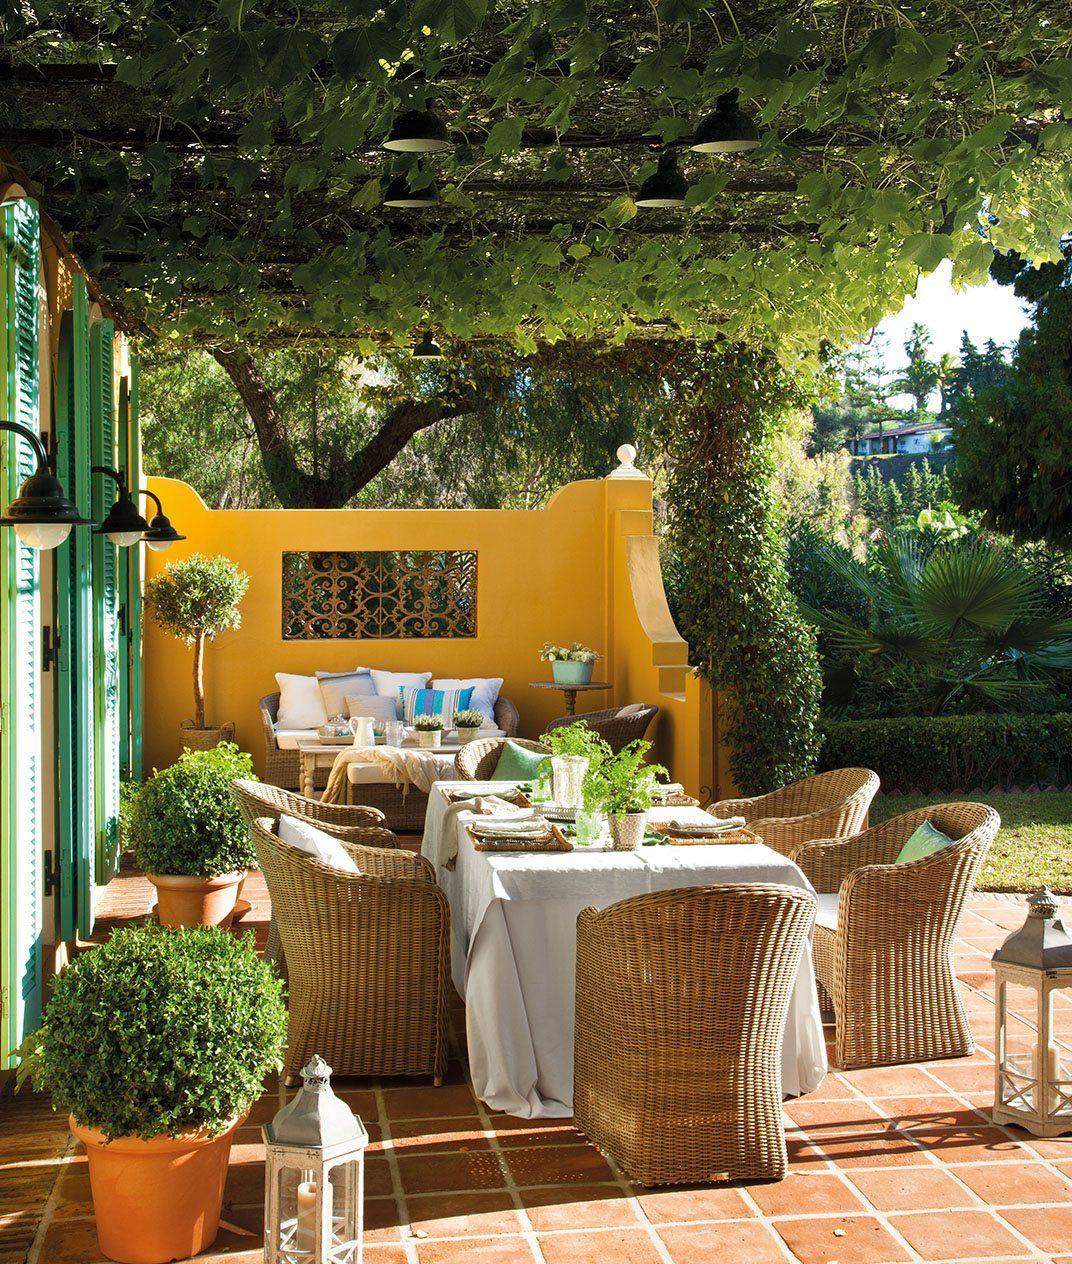 5 comedores al aire libre comedores p rgolas comedor for Jardineria al aire libre casa pendiente